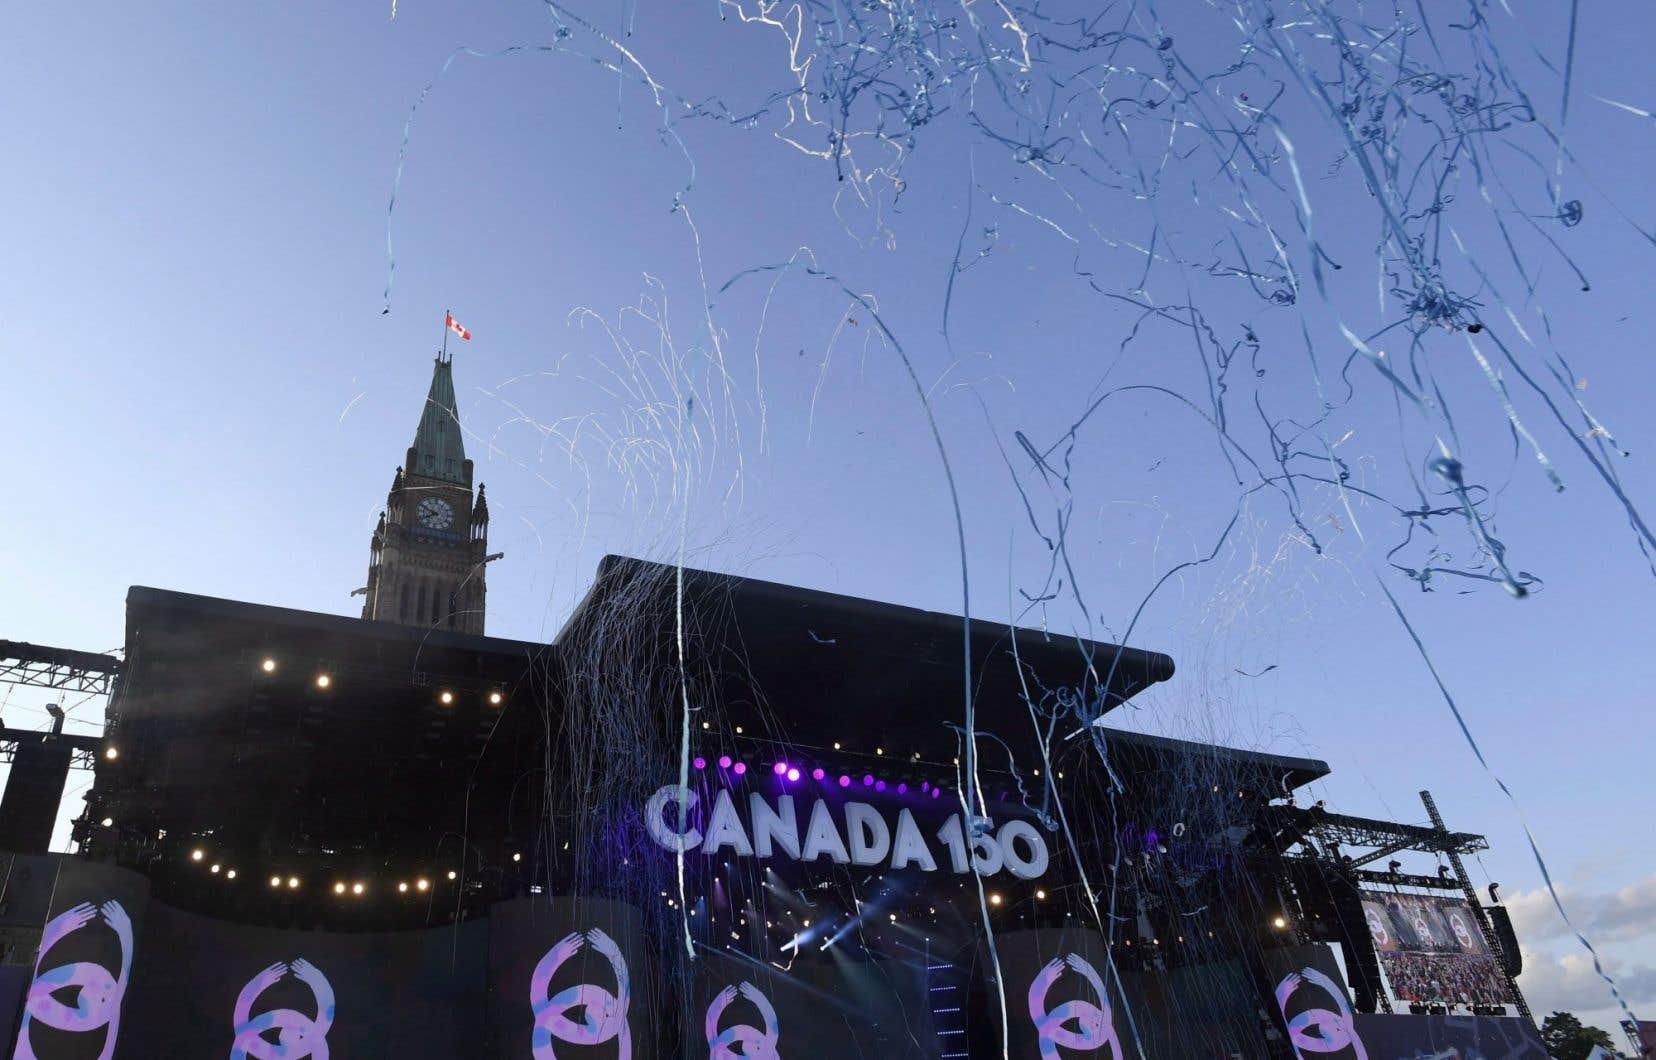 Ce n'est pas le 150e anniversaire que les fédéralistes nationalistes du Québec fêteront cette année, car leur Canada est bien plus vieux que cela.